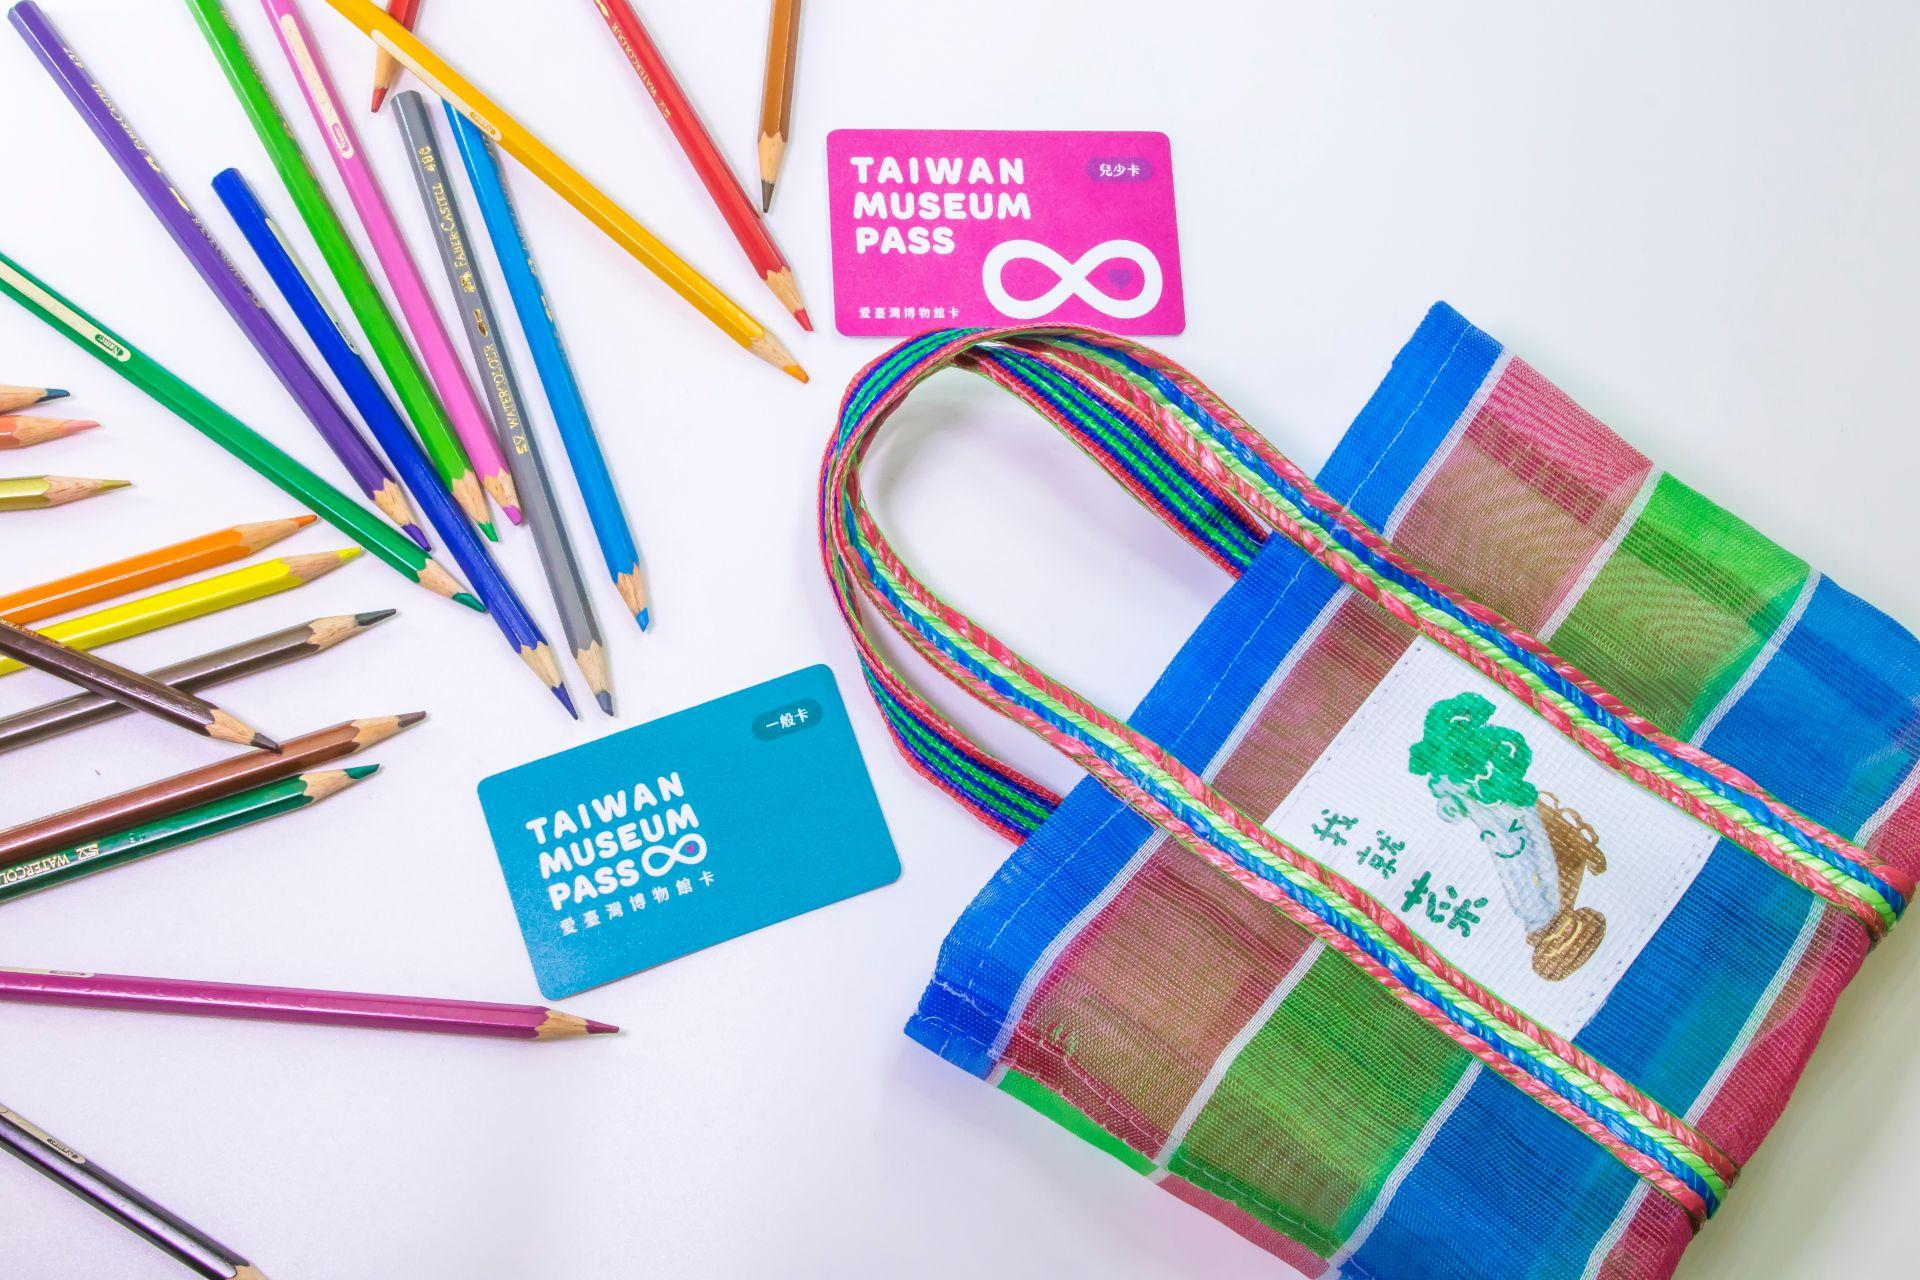 夏季避暑最佳遊玩景點!全台唯一「愛臺灣博物館卡」讓你暢遊國立故宮博物院、奇美博物館國⋯⋯等9大人氣博物館、18個園區!